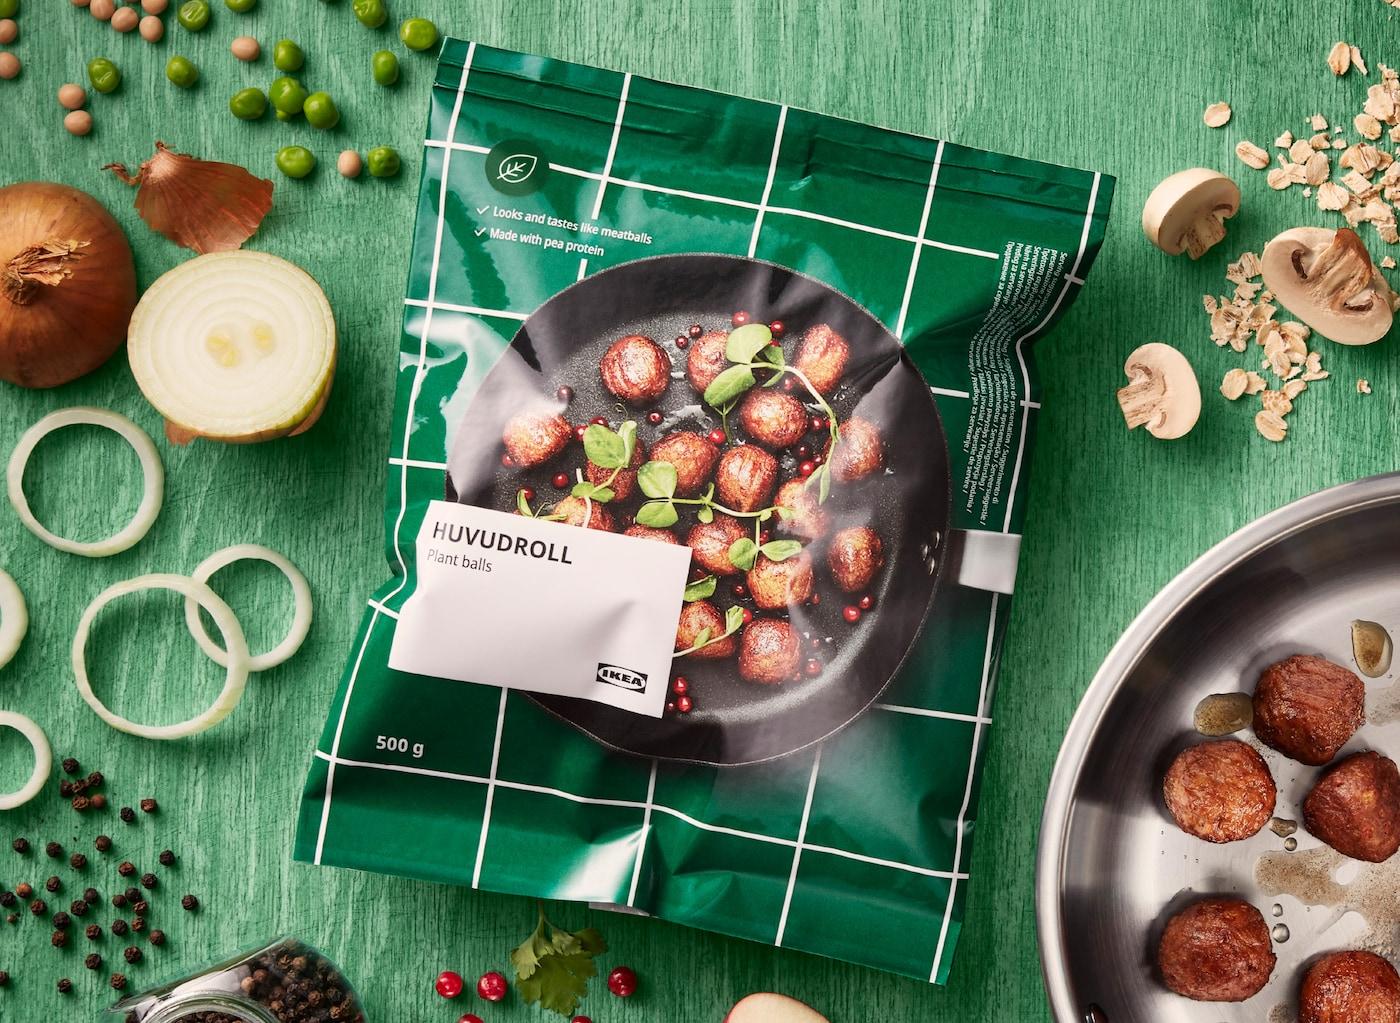 Pakovanje IKEA HUVUDROLL biljnih ćufti na zelenoj drvenoj površini. Pakovanje je okruženo različitim sastojcima.